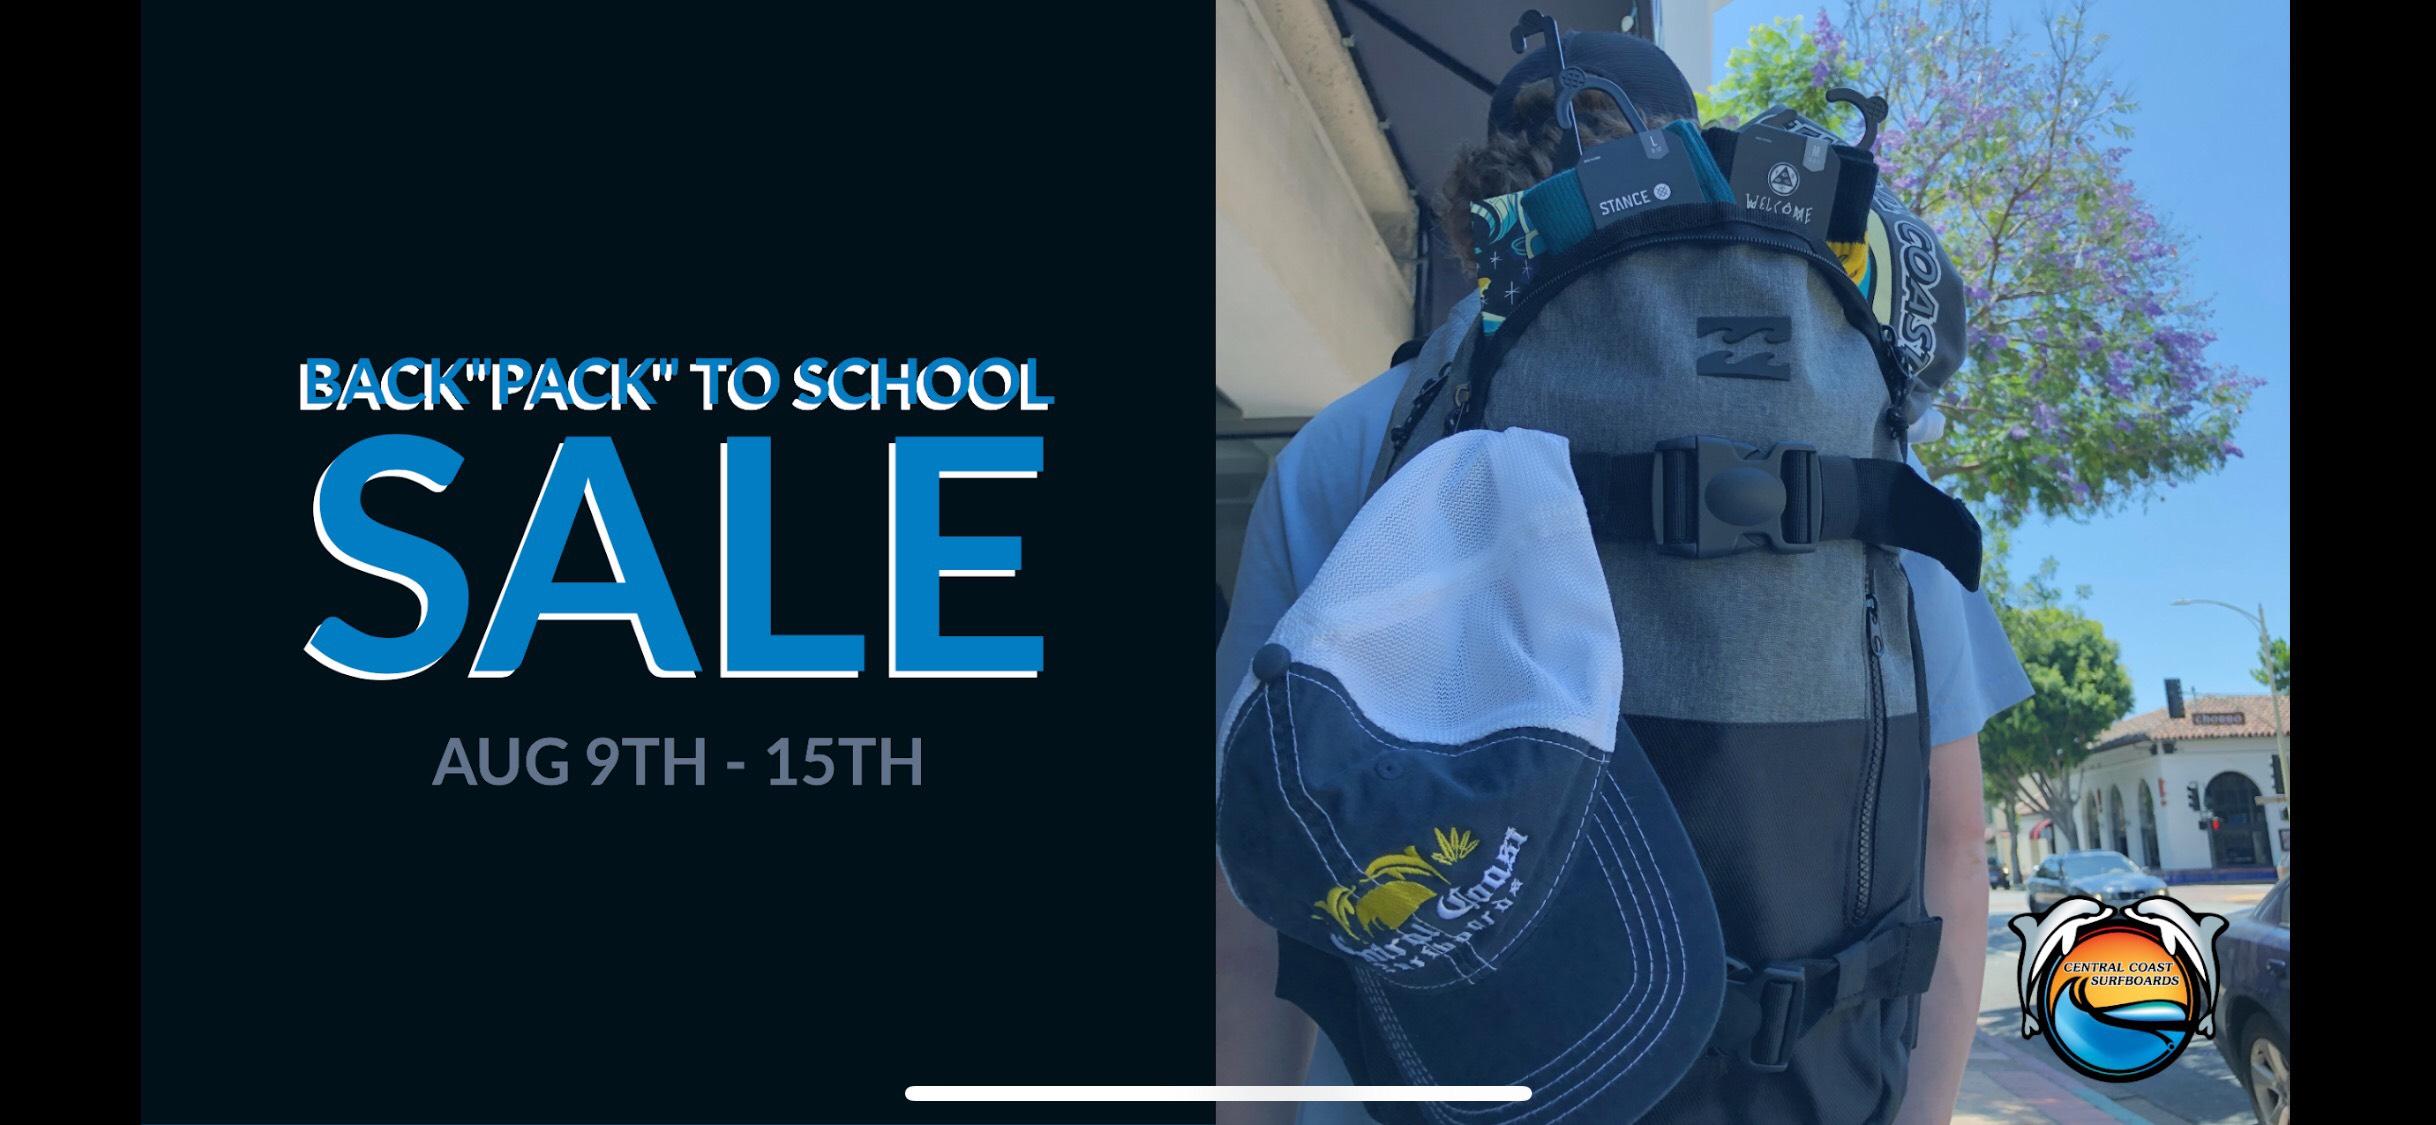 Backpack2school Sale.jpg